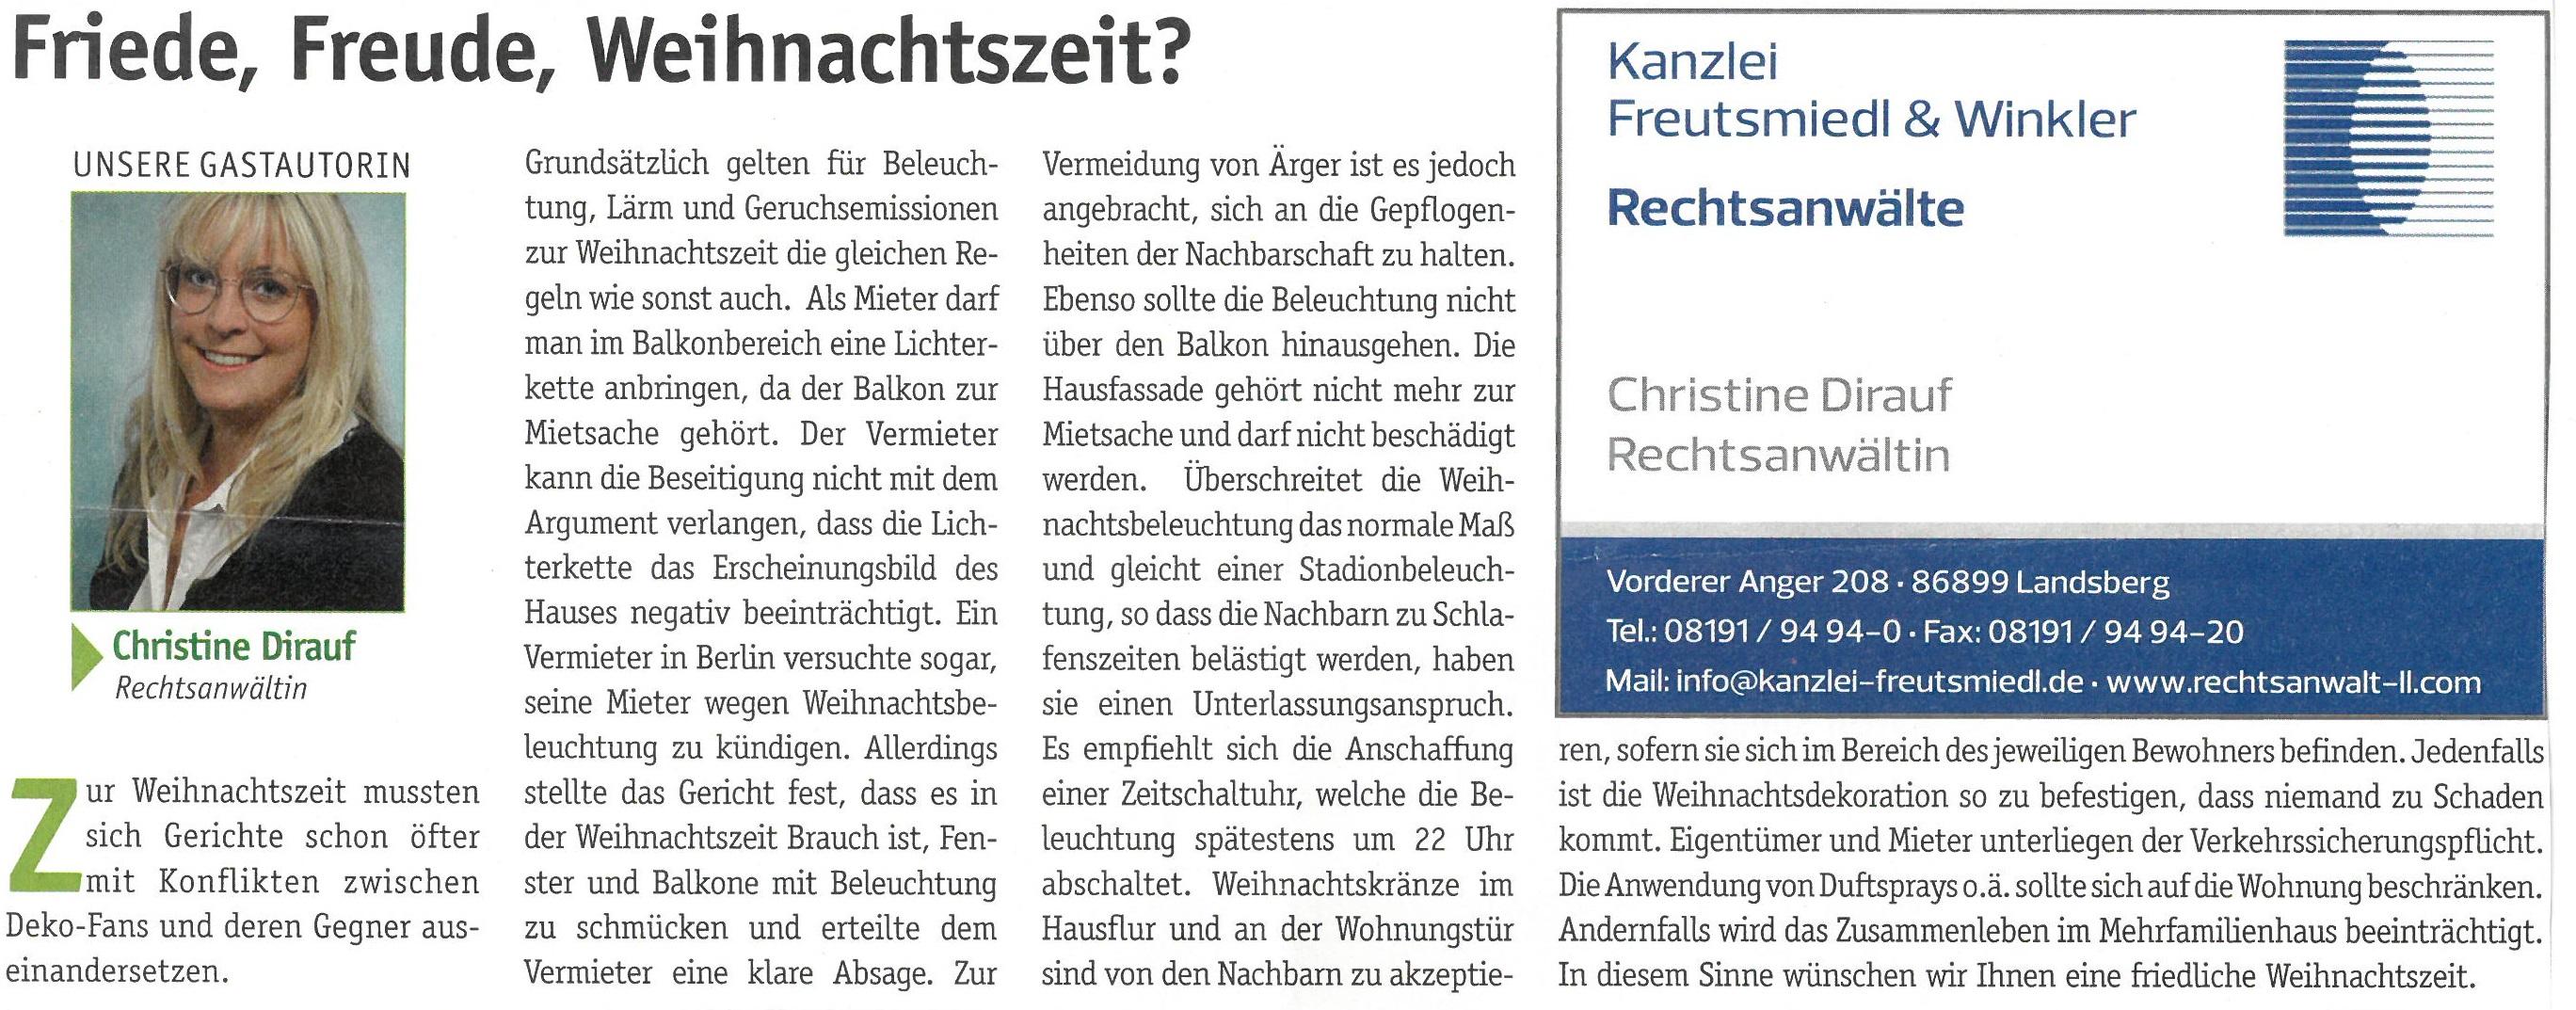 Landsberger Monatszeitung, 12/2018